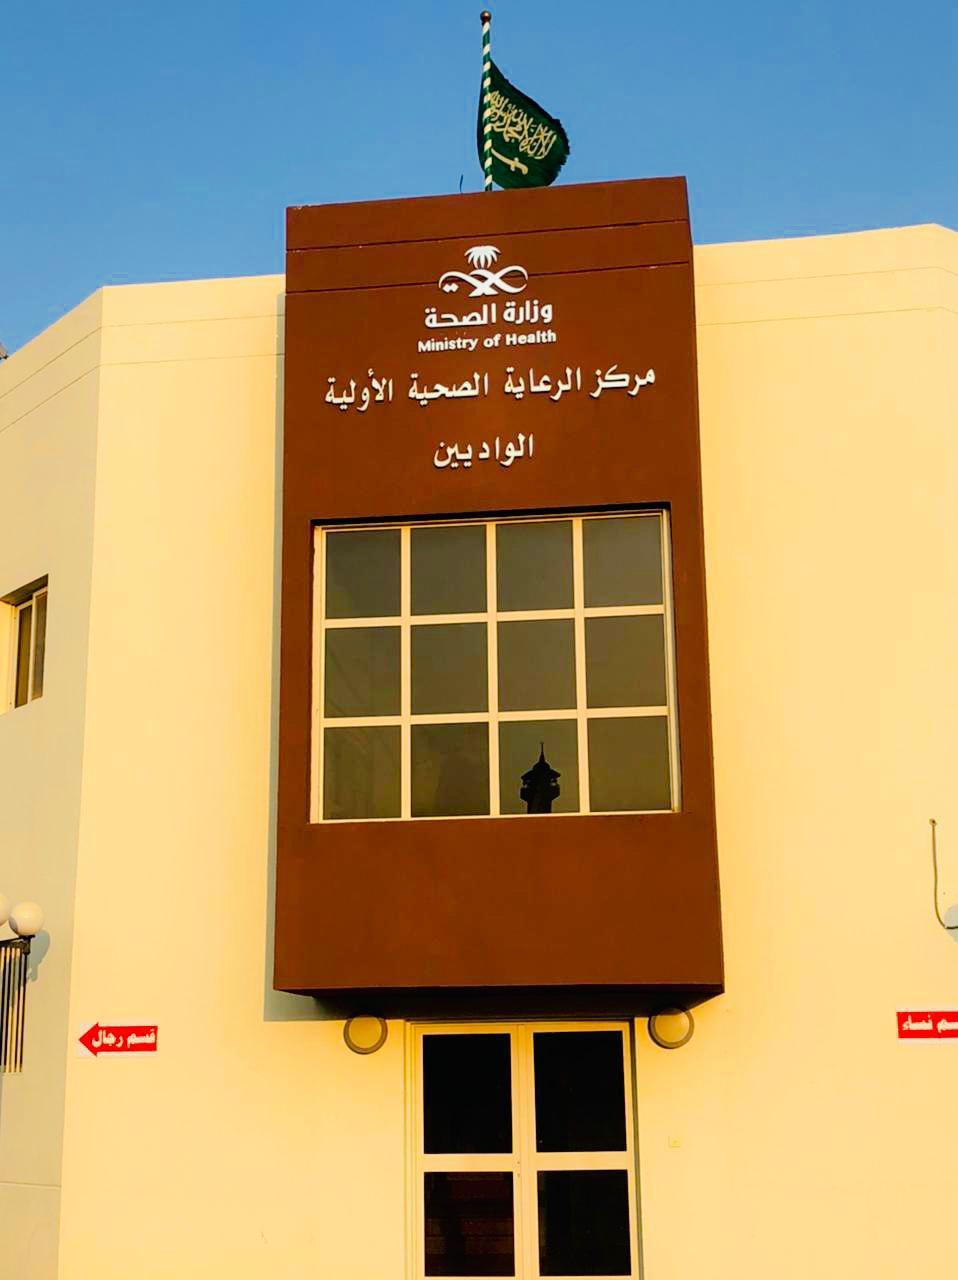 وزير الصحة يهني مركز صحي الواديين لحصوله على جائزة التميز